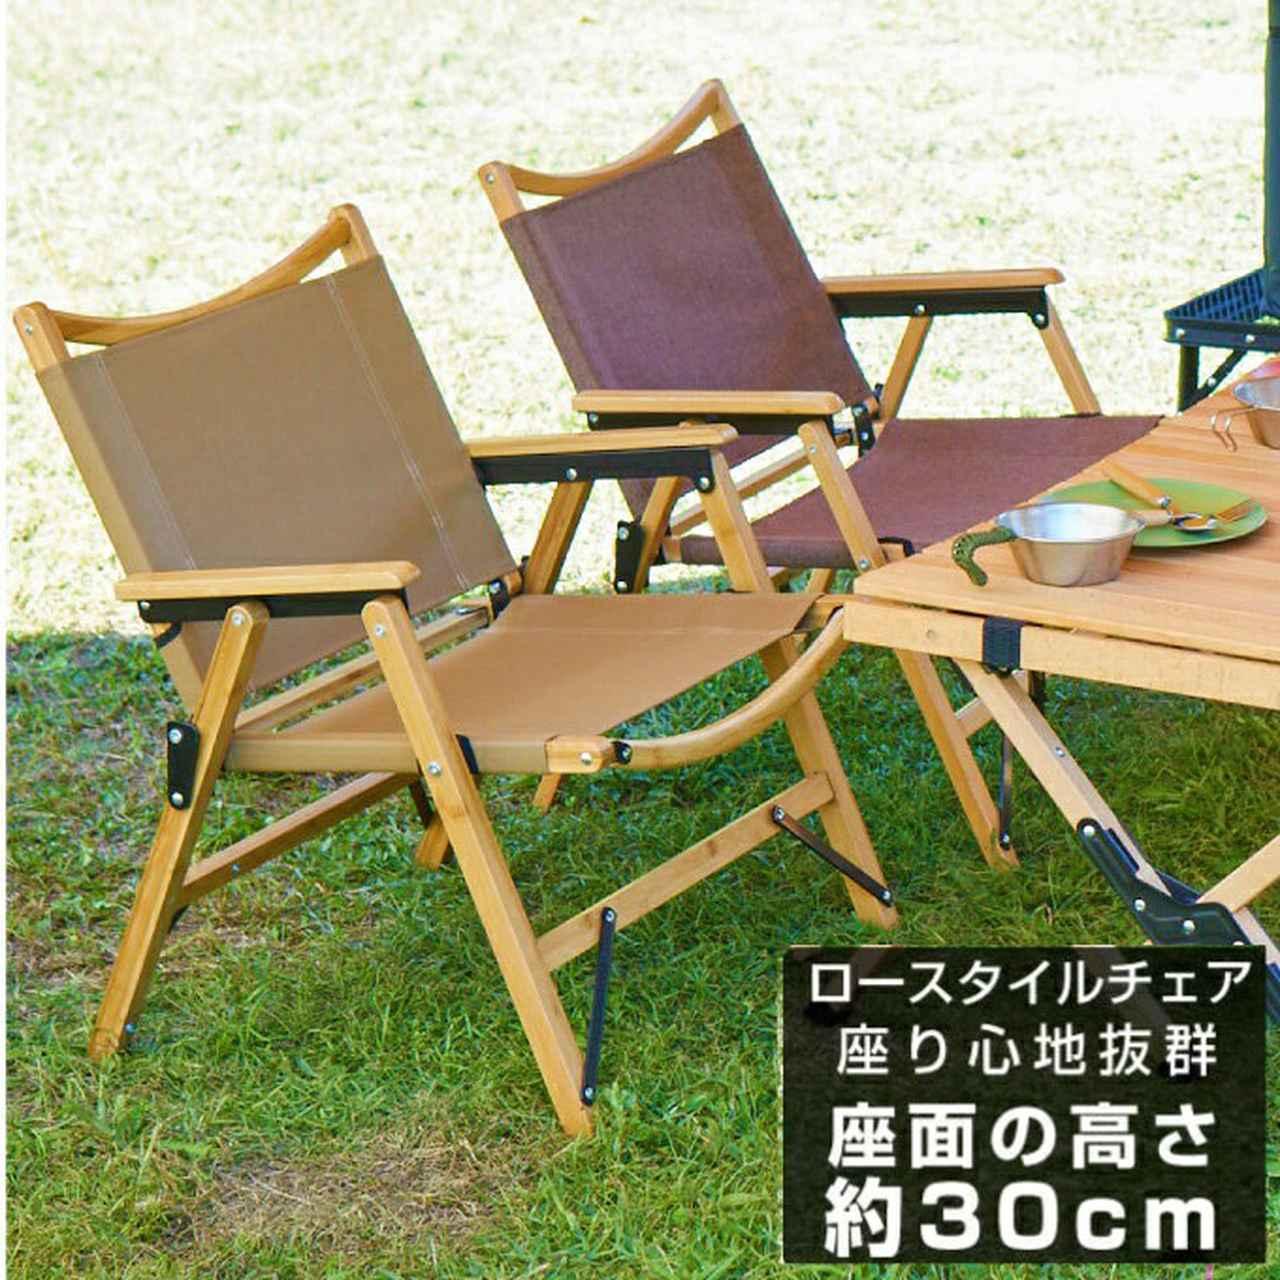 画像5: ニトリやコールマンの木製アウトドアチェア8選 自宅でも使えるデザインでおすすめ!